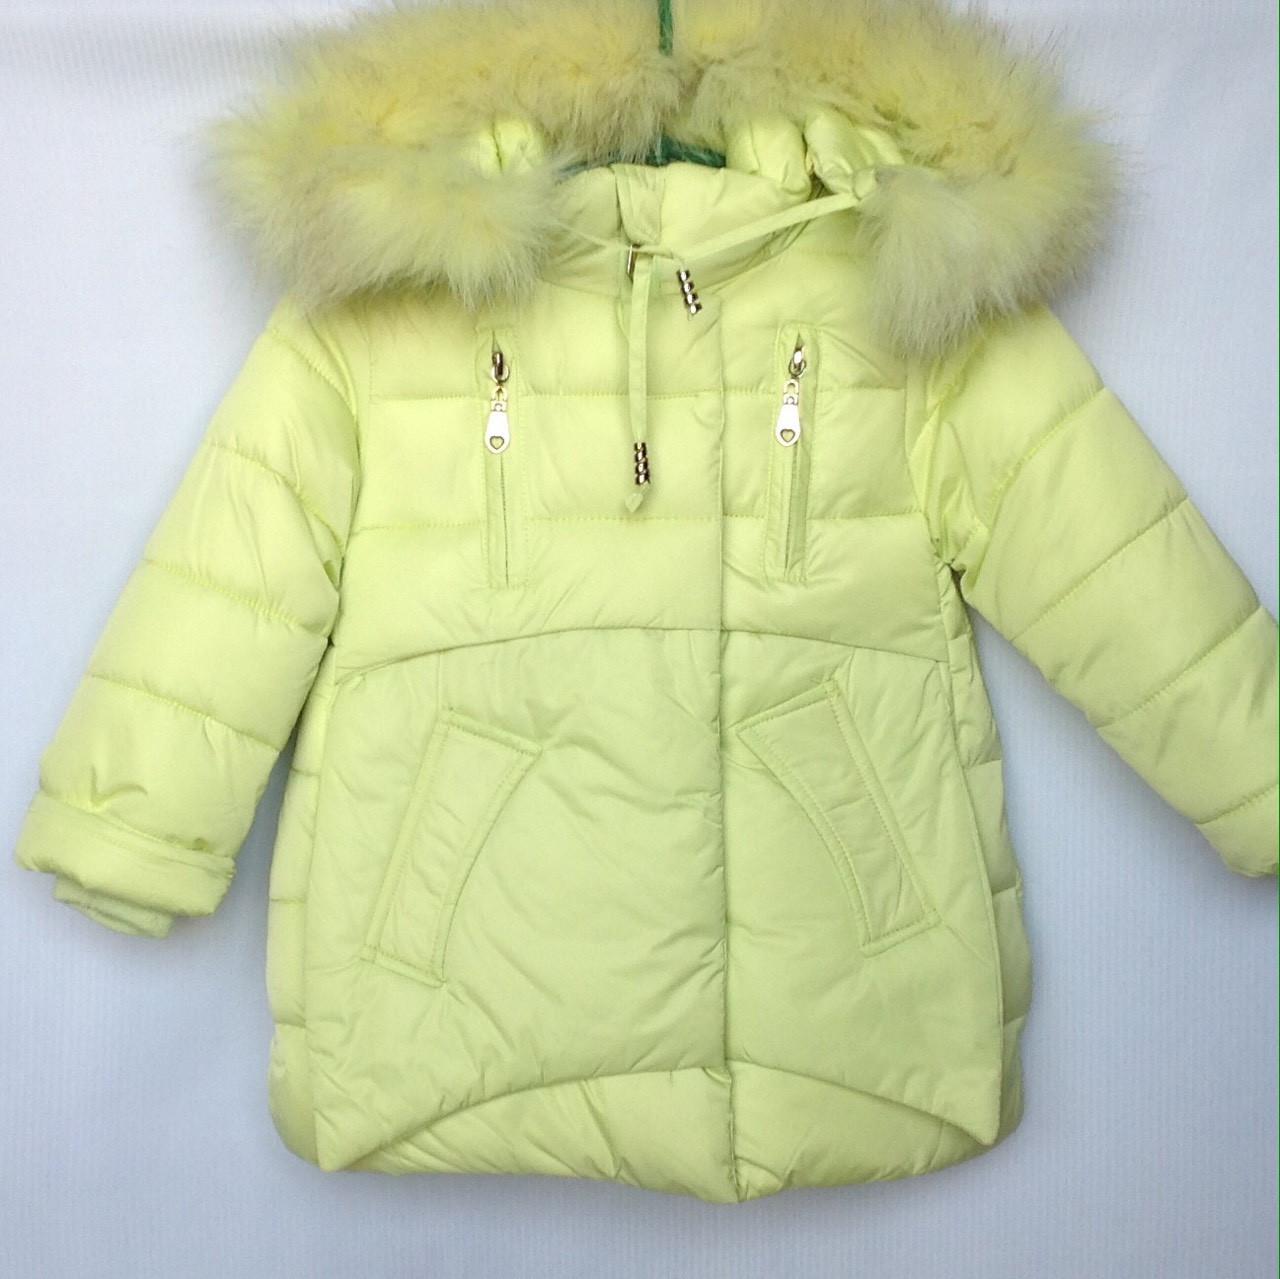 Куртка детская зимняя БУМ #6030 для девочек. 86-110 см (1-5 лет). Лайм. Оптом.